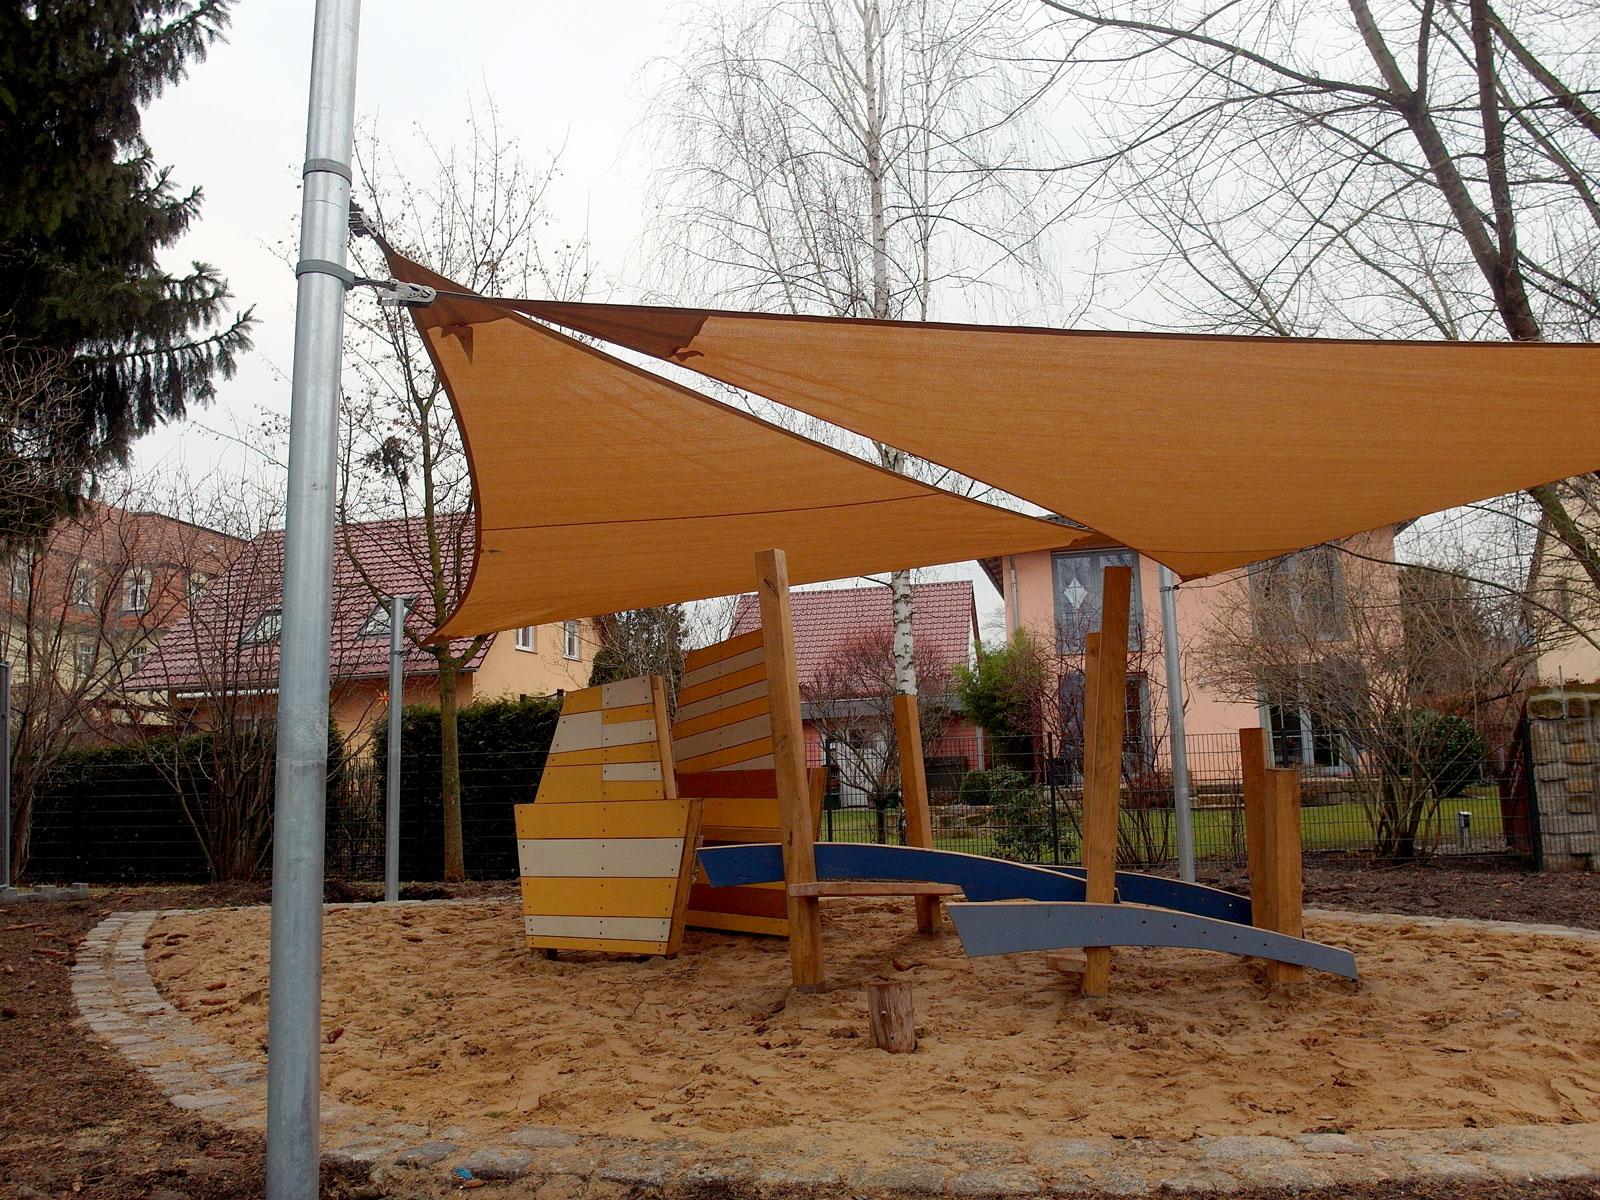 Höhenverstellbares Sonnensegel über einem kleinen Spielplatz